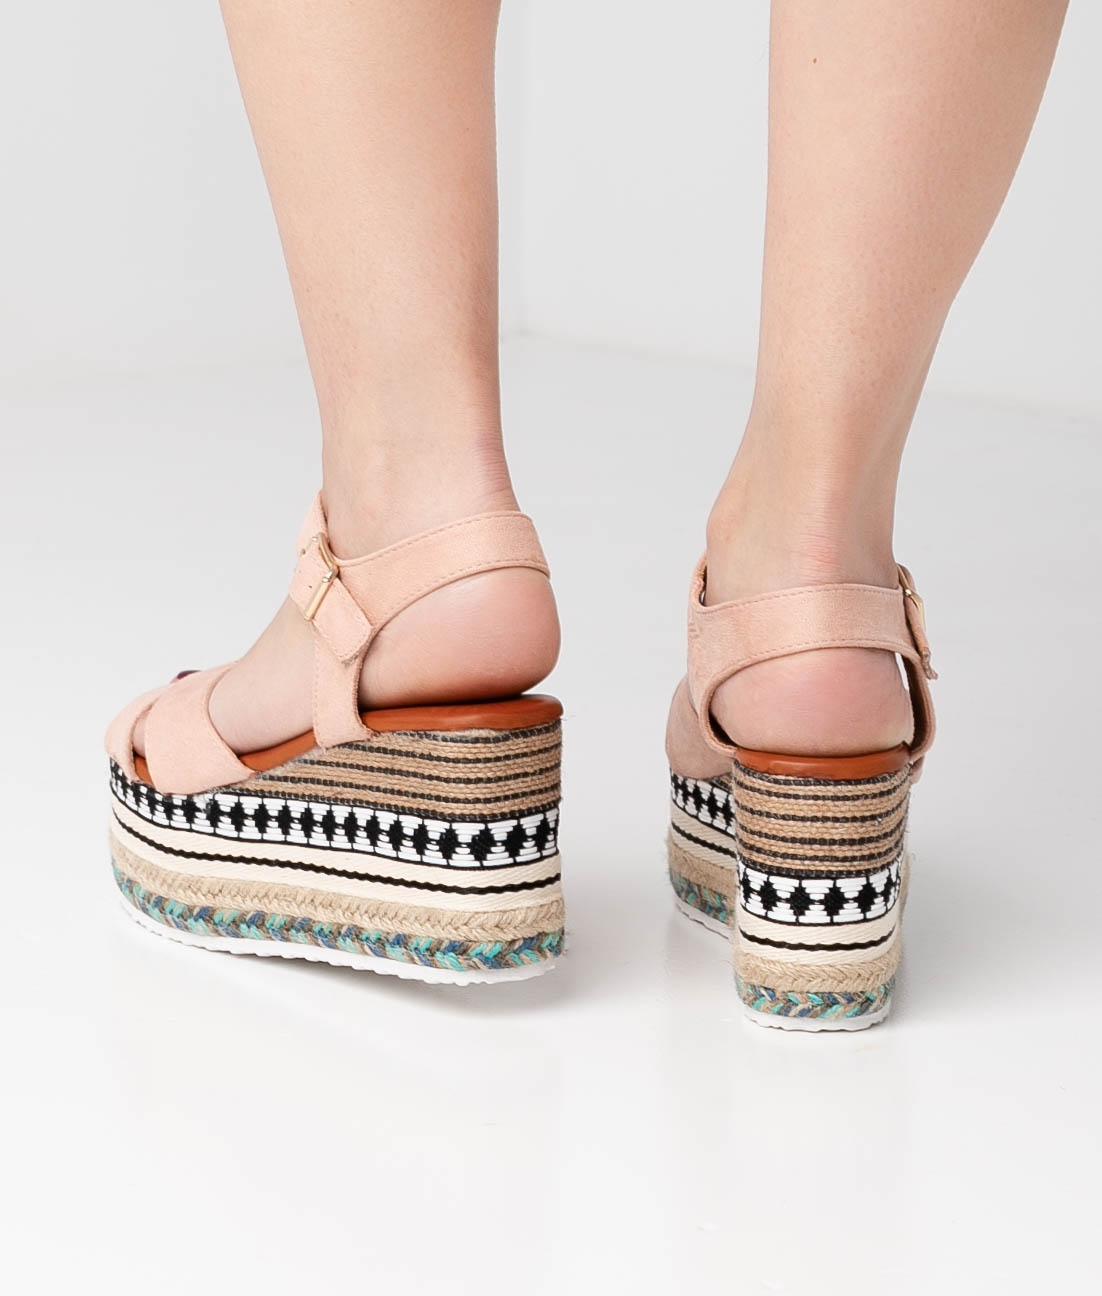 Wedge Heel Quiva - Pink